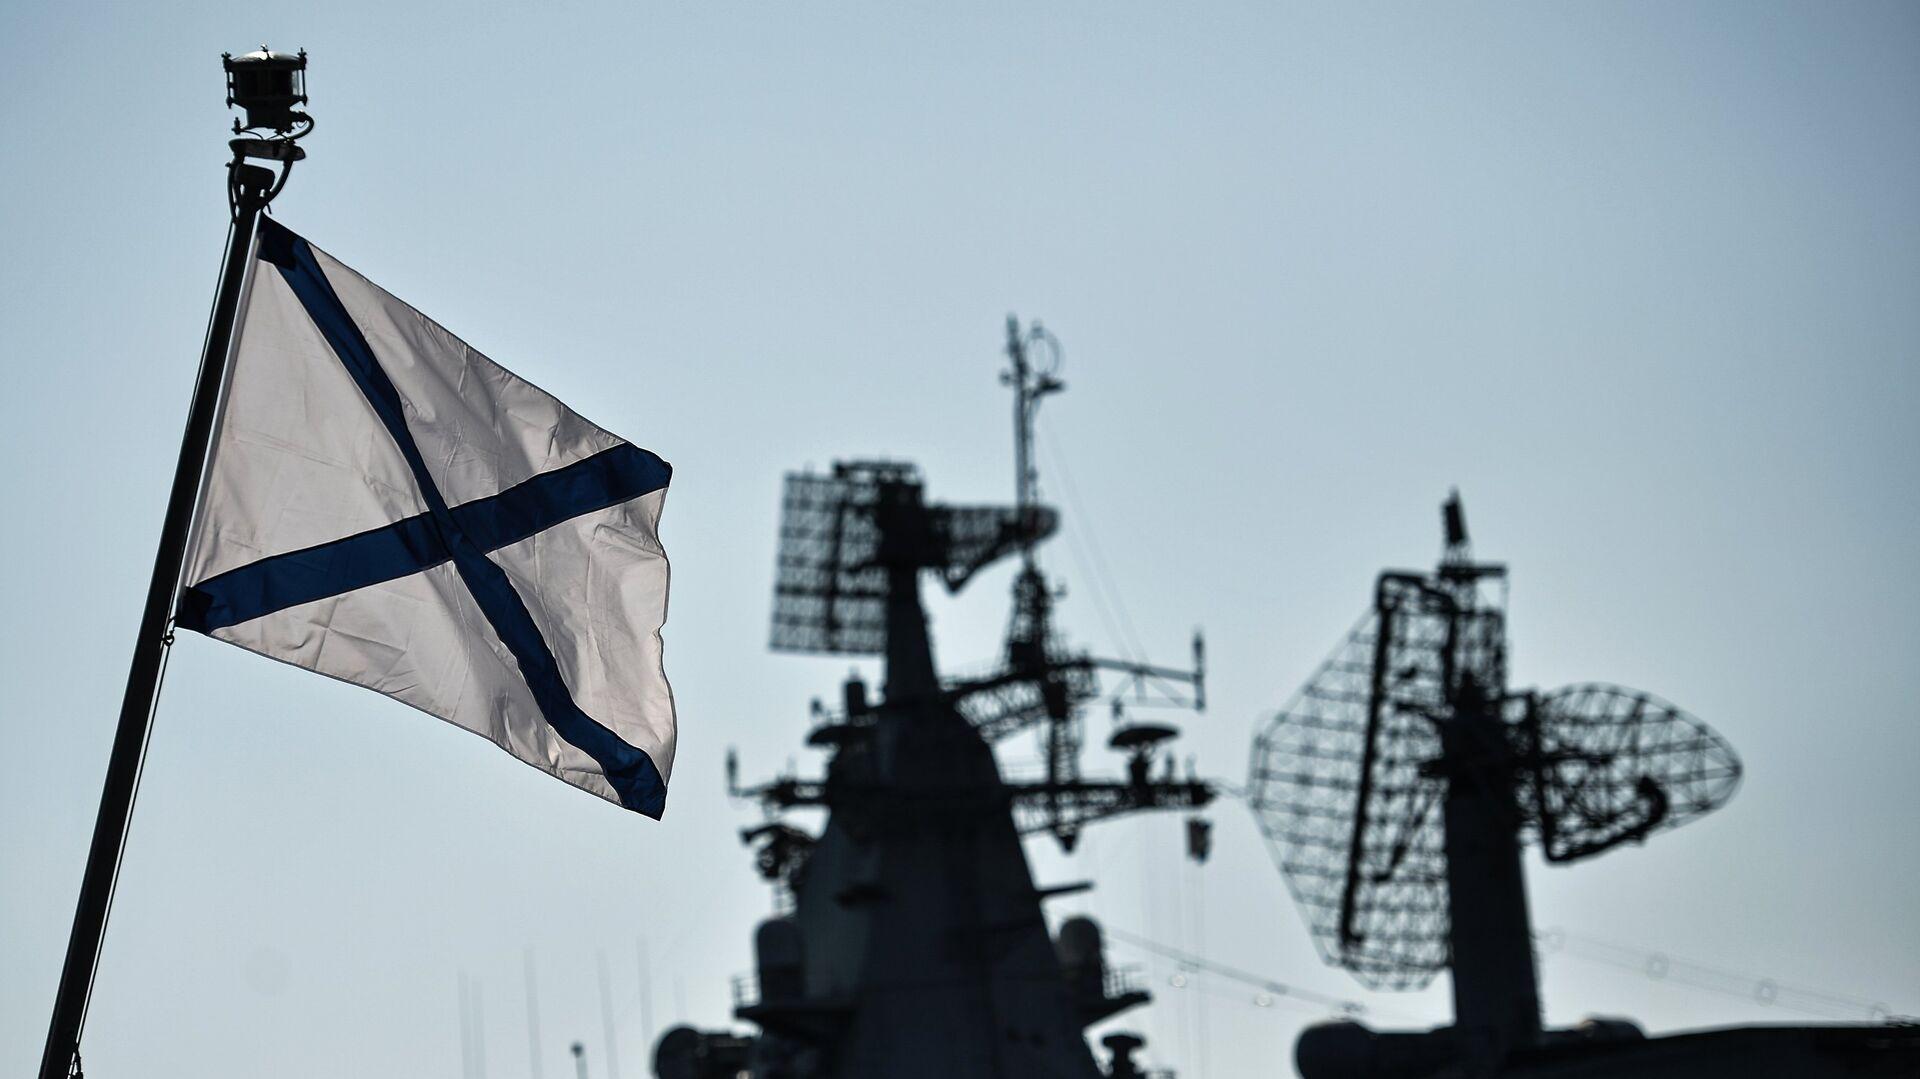 Los buques de la Flota del Mar Negro - Sputnik Mundo, 1920, 25.02.2021